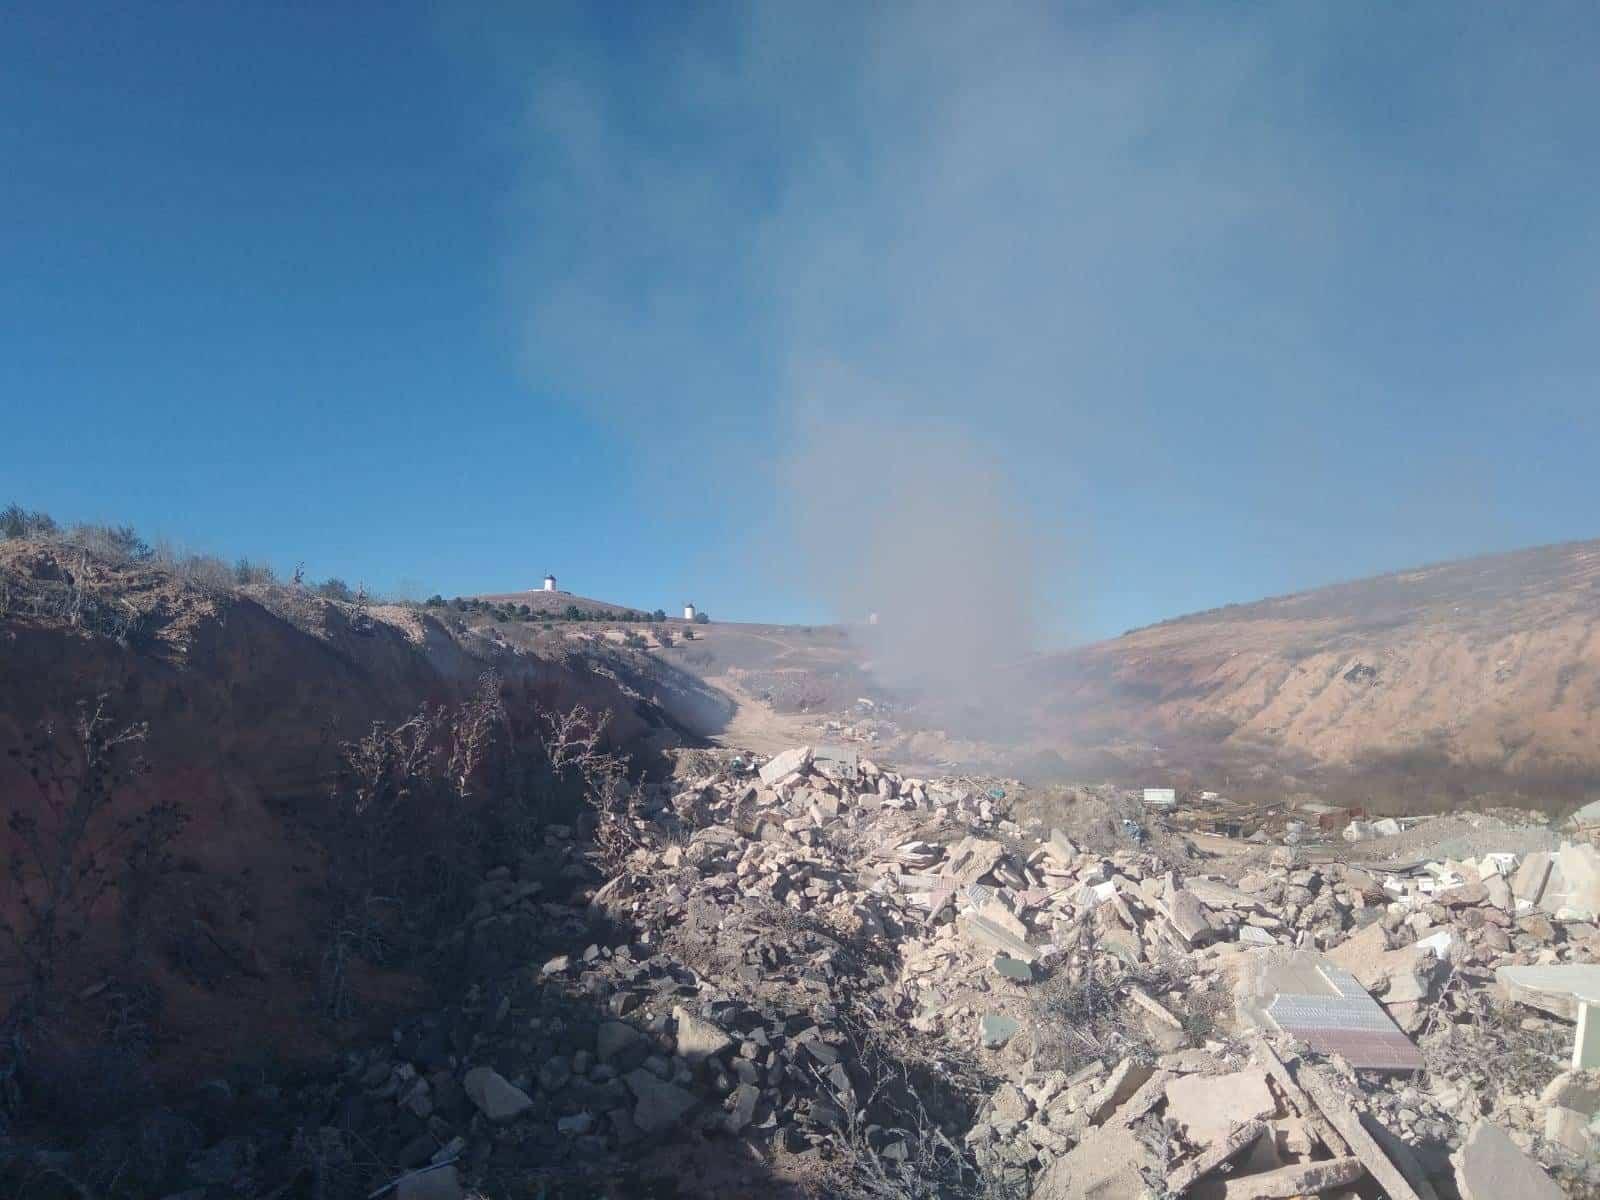 20190225 Escombros junto a la planta de tratamiento 1 - Ciudadanos Herencia pide al Ayuntamiento que traten los escombros como establece la normativa